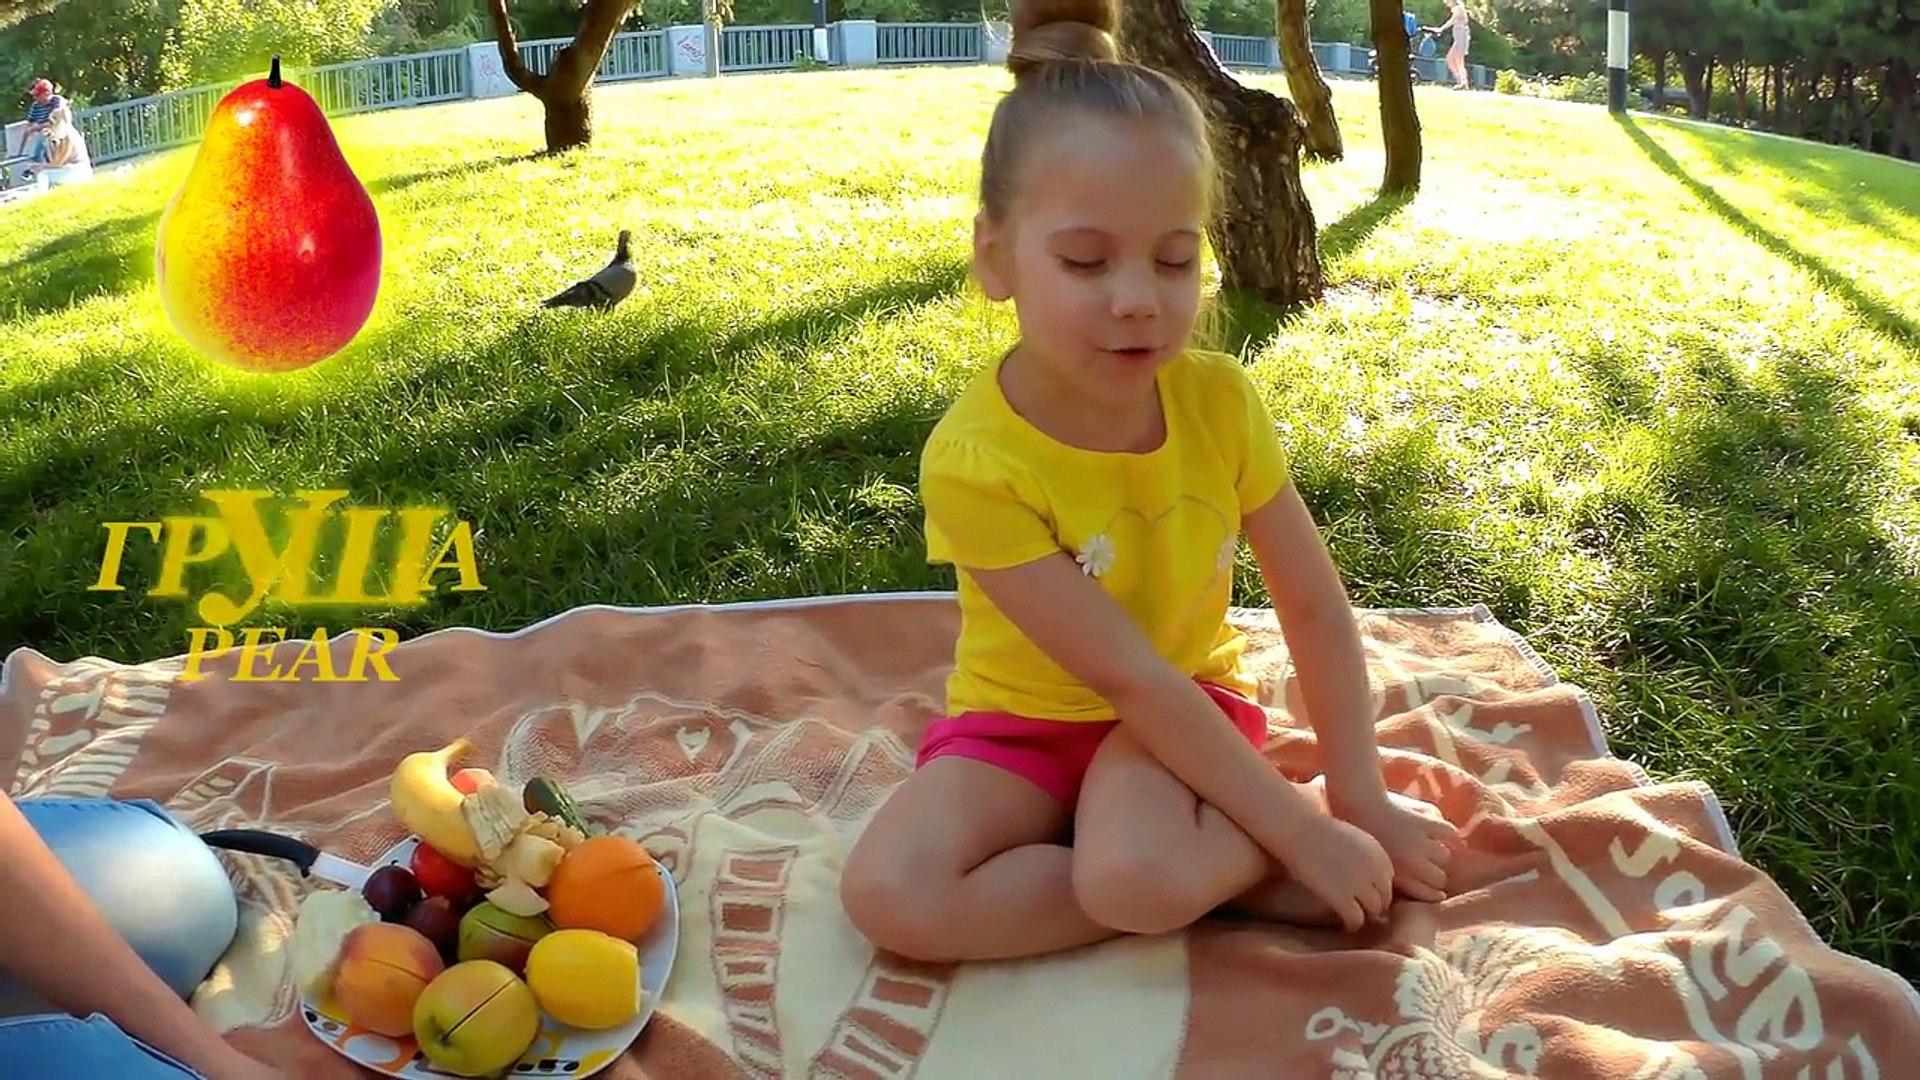 Челлендж # Новый челлендж # Фрукты и овощи # Летние приключения